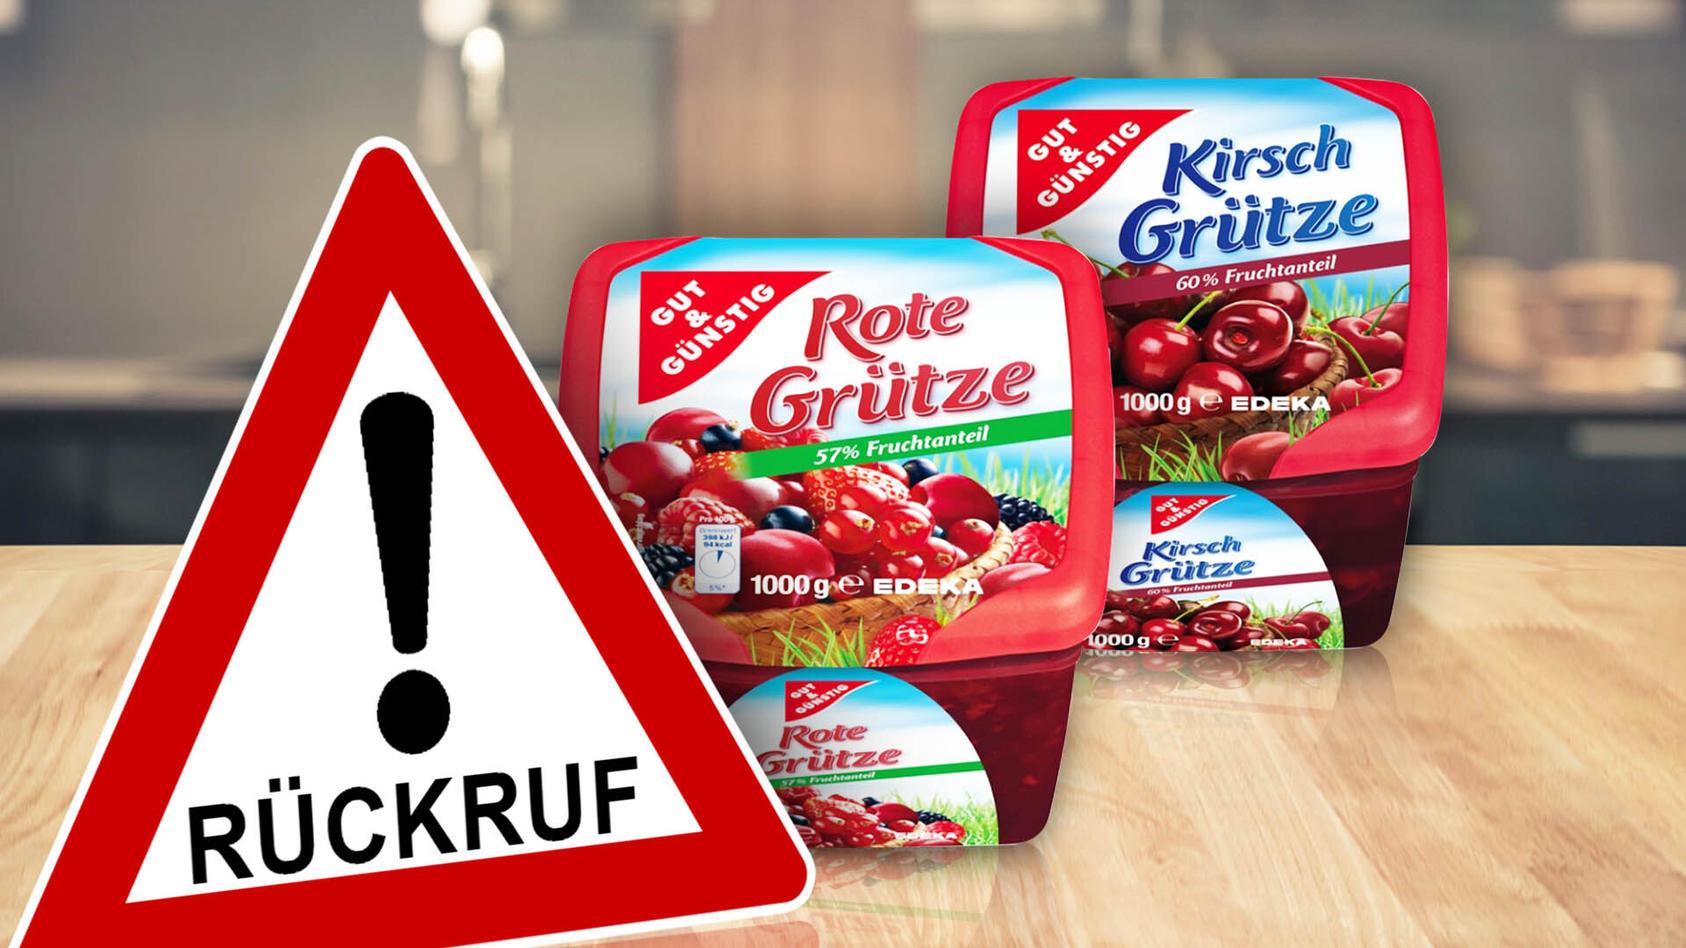 In den Produkten wurde bei Untersuchungen teilweise das Abbauprodukt eines Pflanzenschutzmittels nachgewiesen.